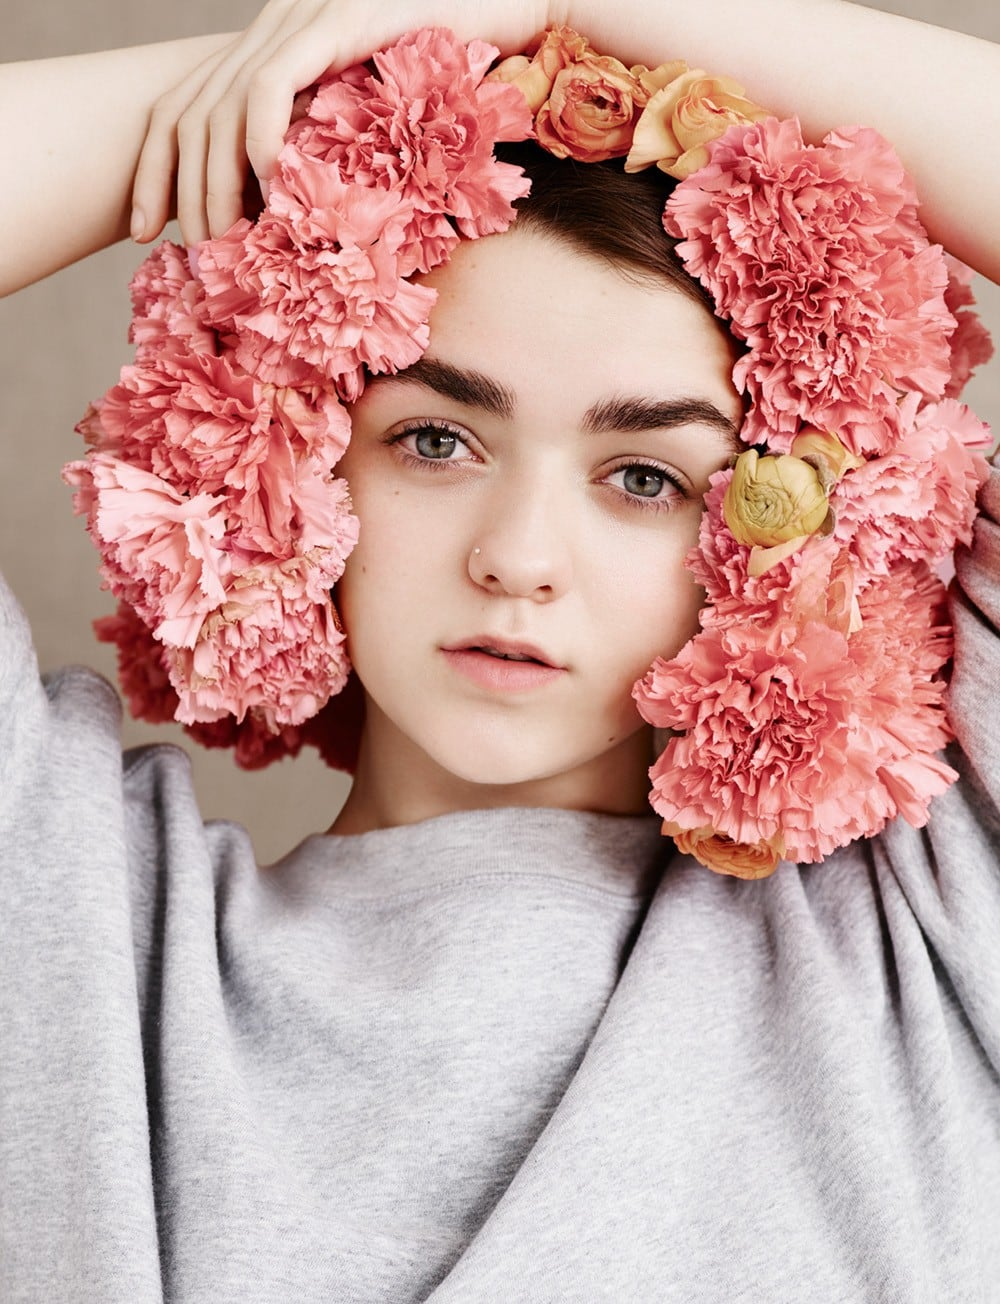 Maisie-Williams-Dazed-Confused-Magazine-2015-5